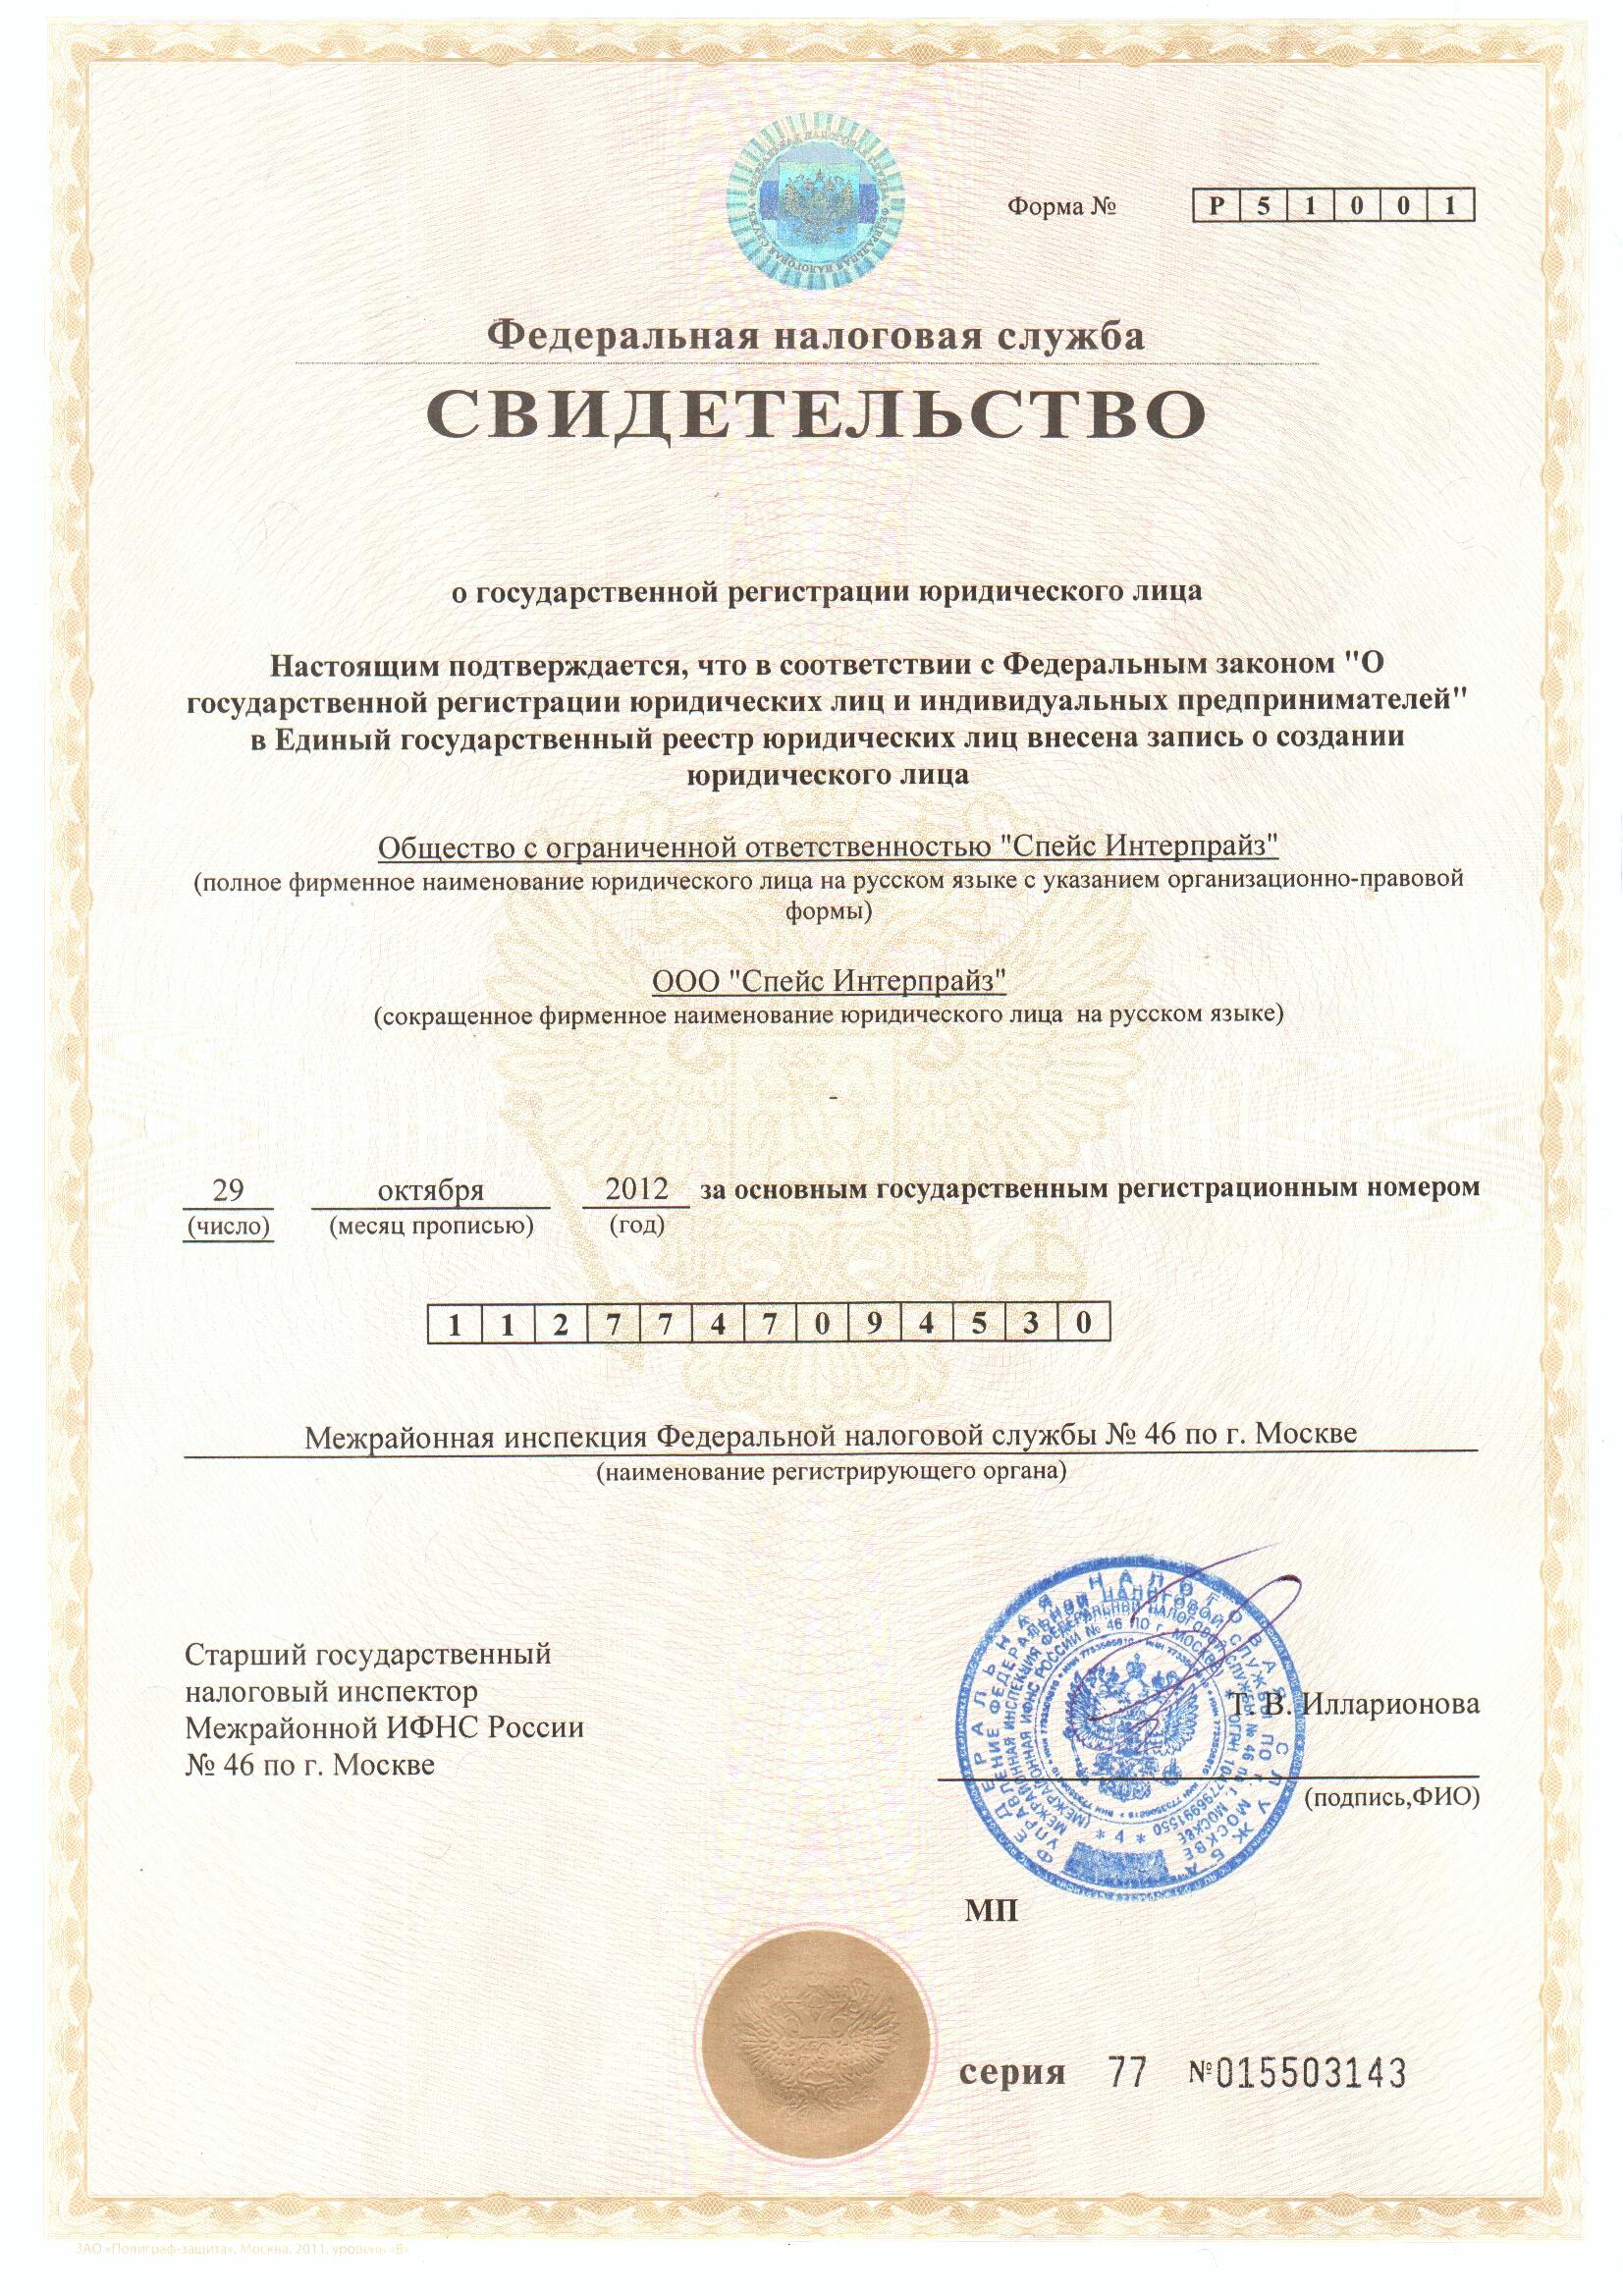 http://optimizaciya.ucoz.ru/svidetelstvo2.jpg